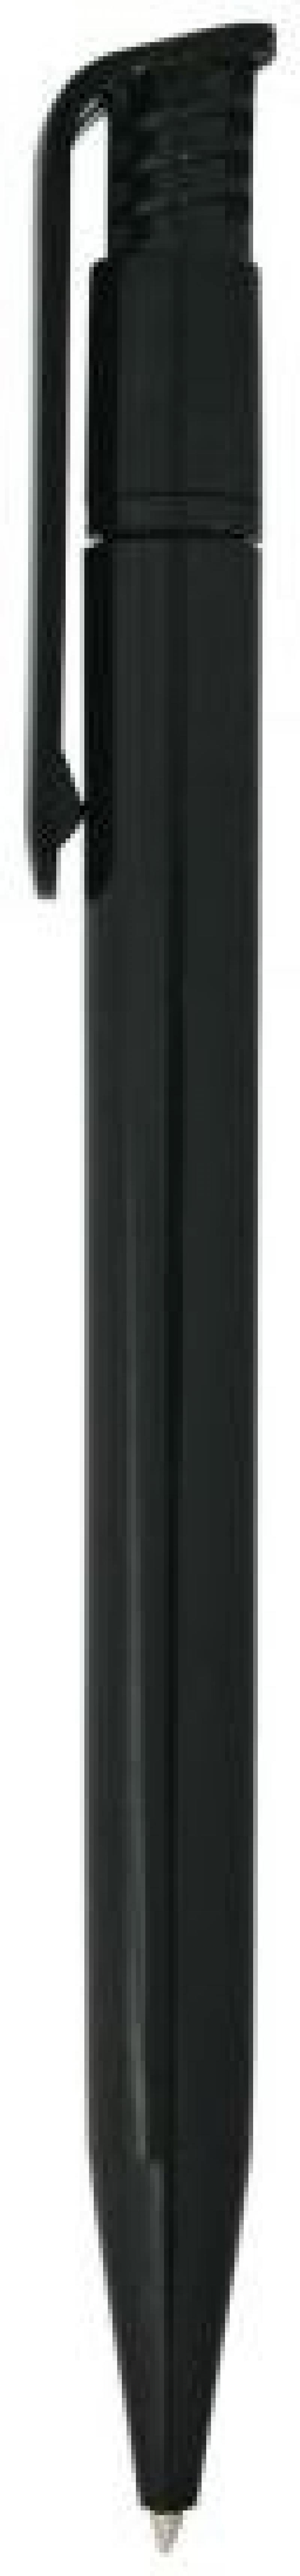 Шариковая ручка автоматическая SPONSOR SLP013A/BK синий SLP013A/BK шариковая ручка автоматическая sponsor slp013a yl slp013a yl